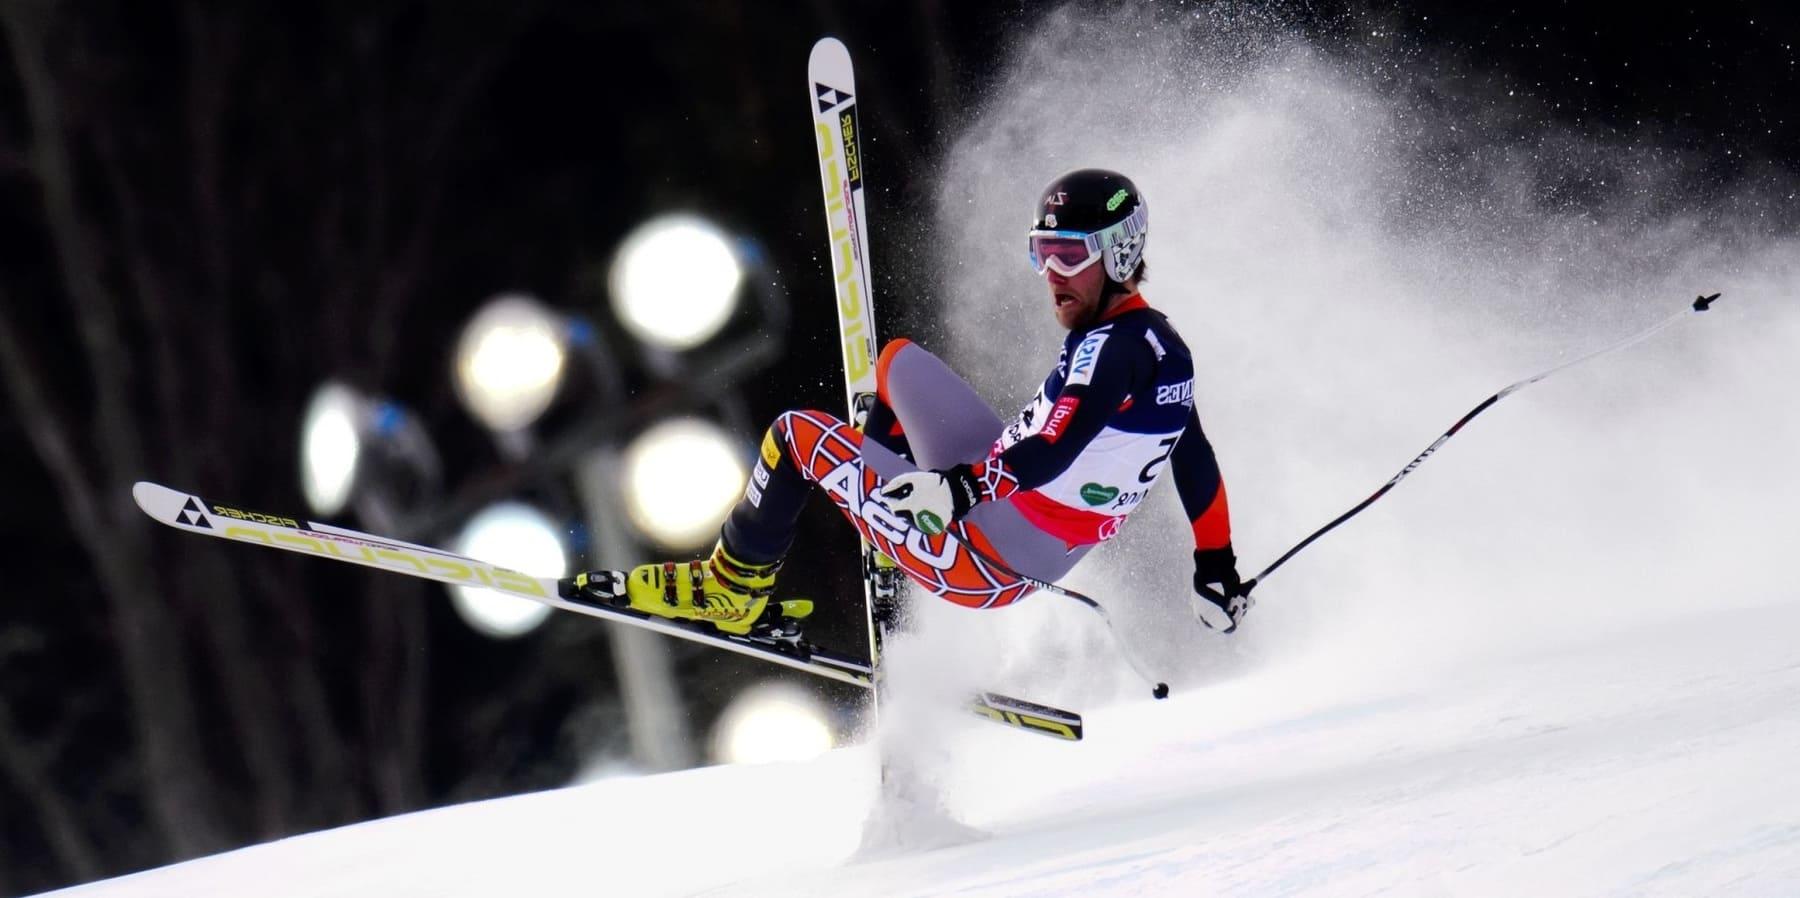 Лыжи - опасный вид спорта